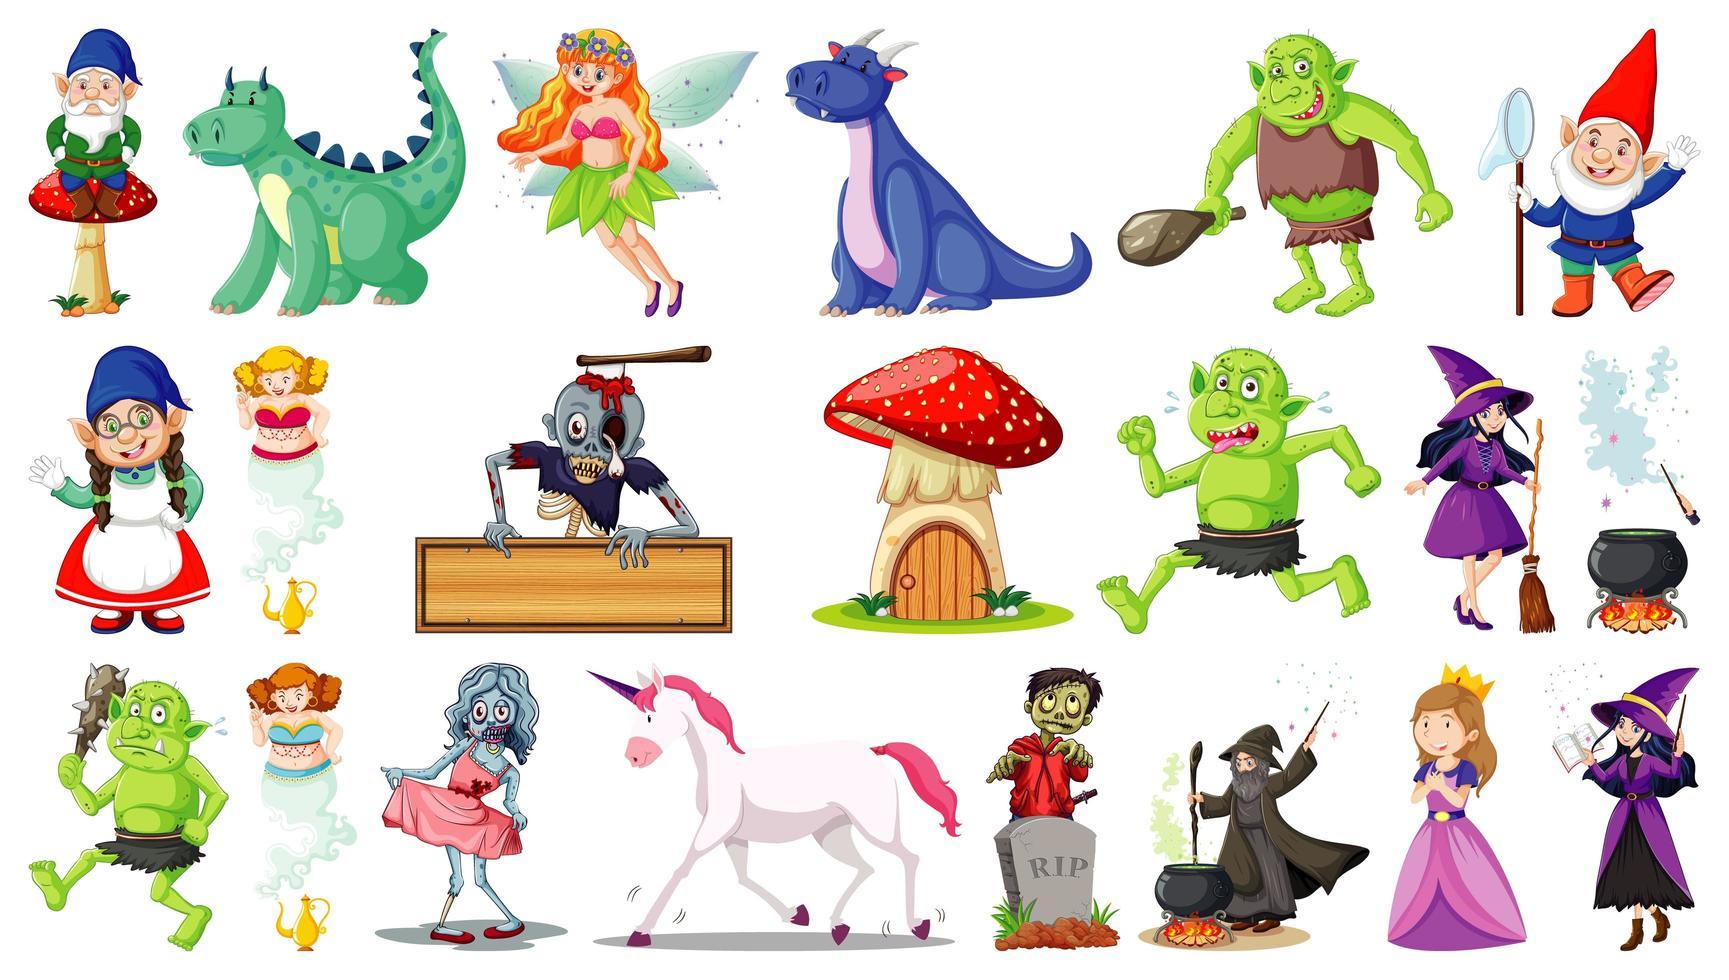 personnages de dessins animés fantastiques sur fond blanc vecteur